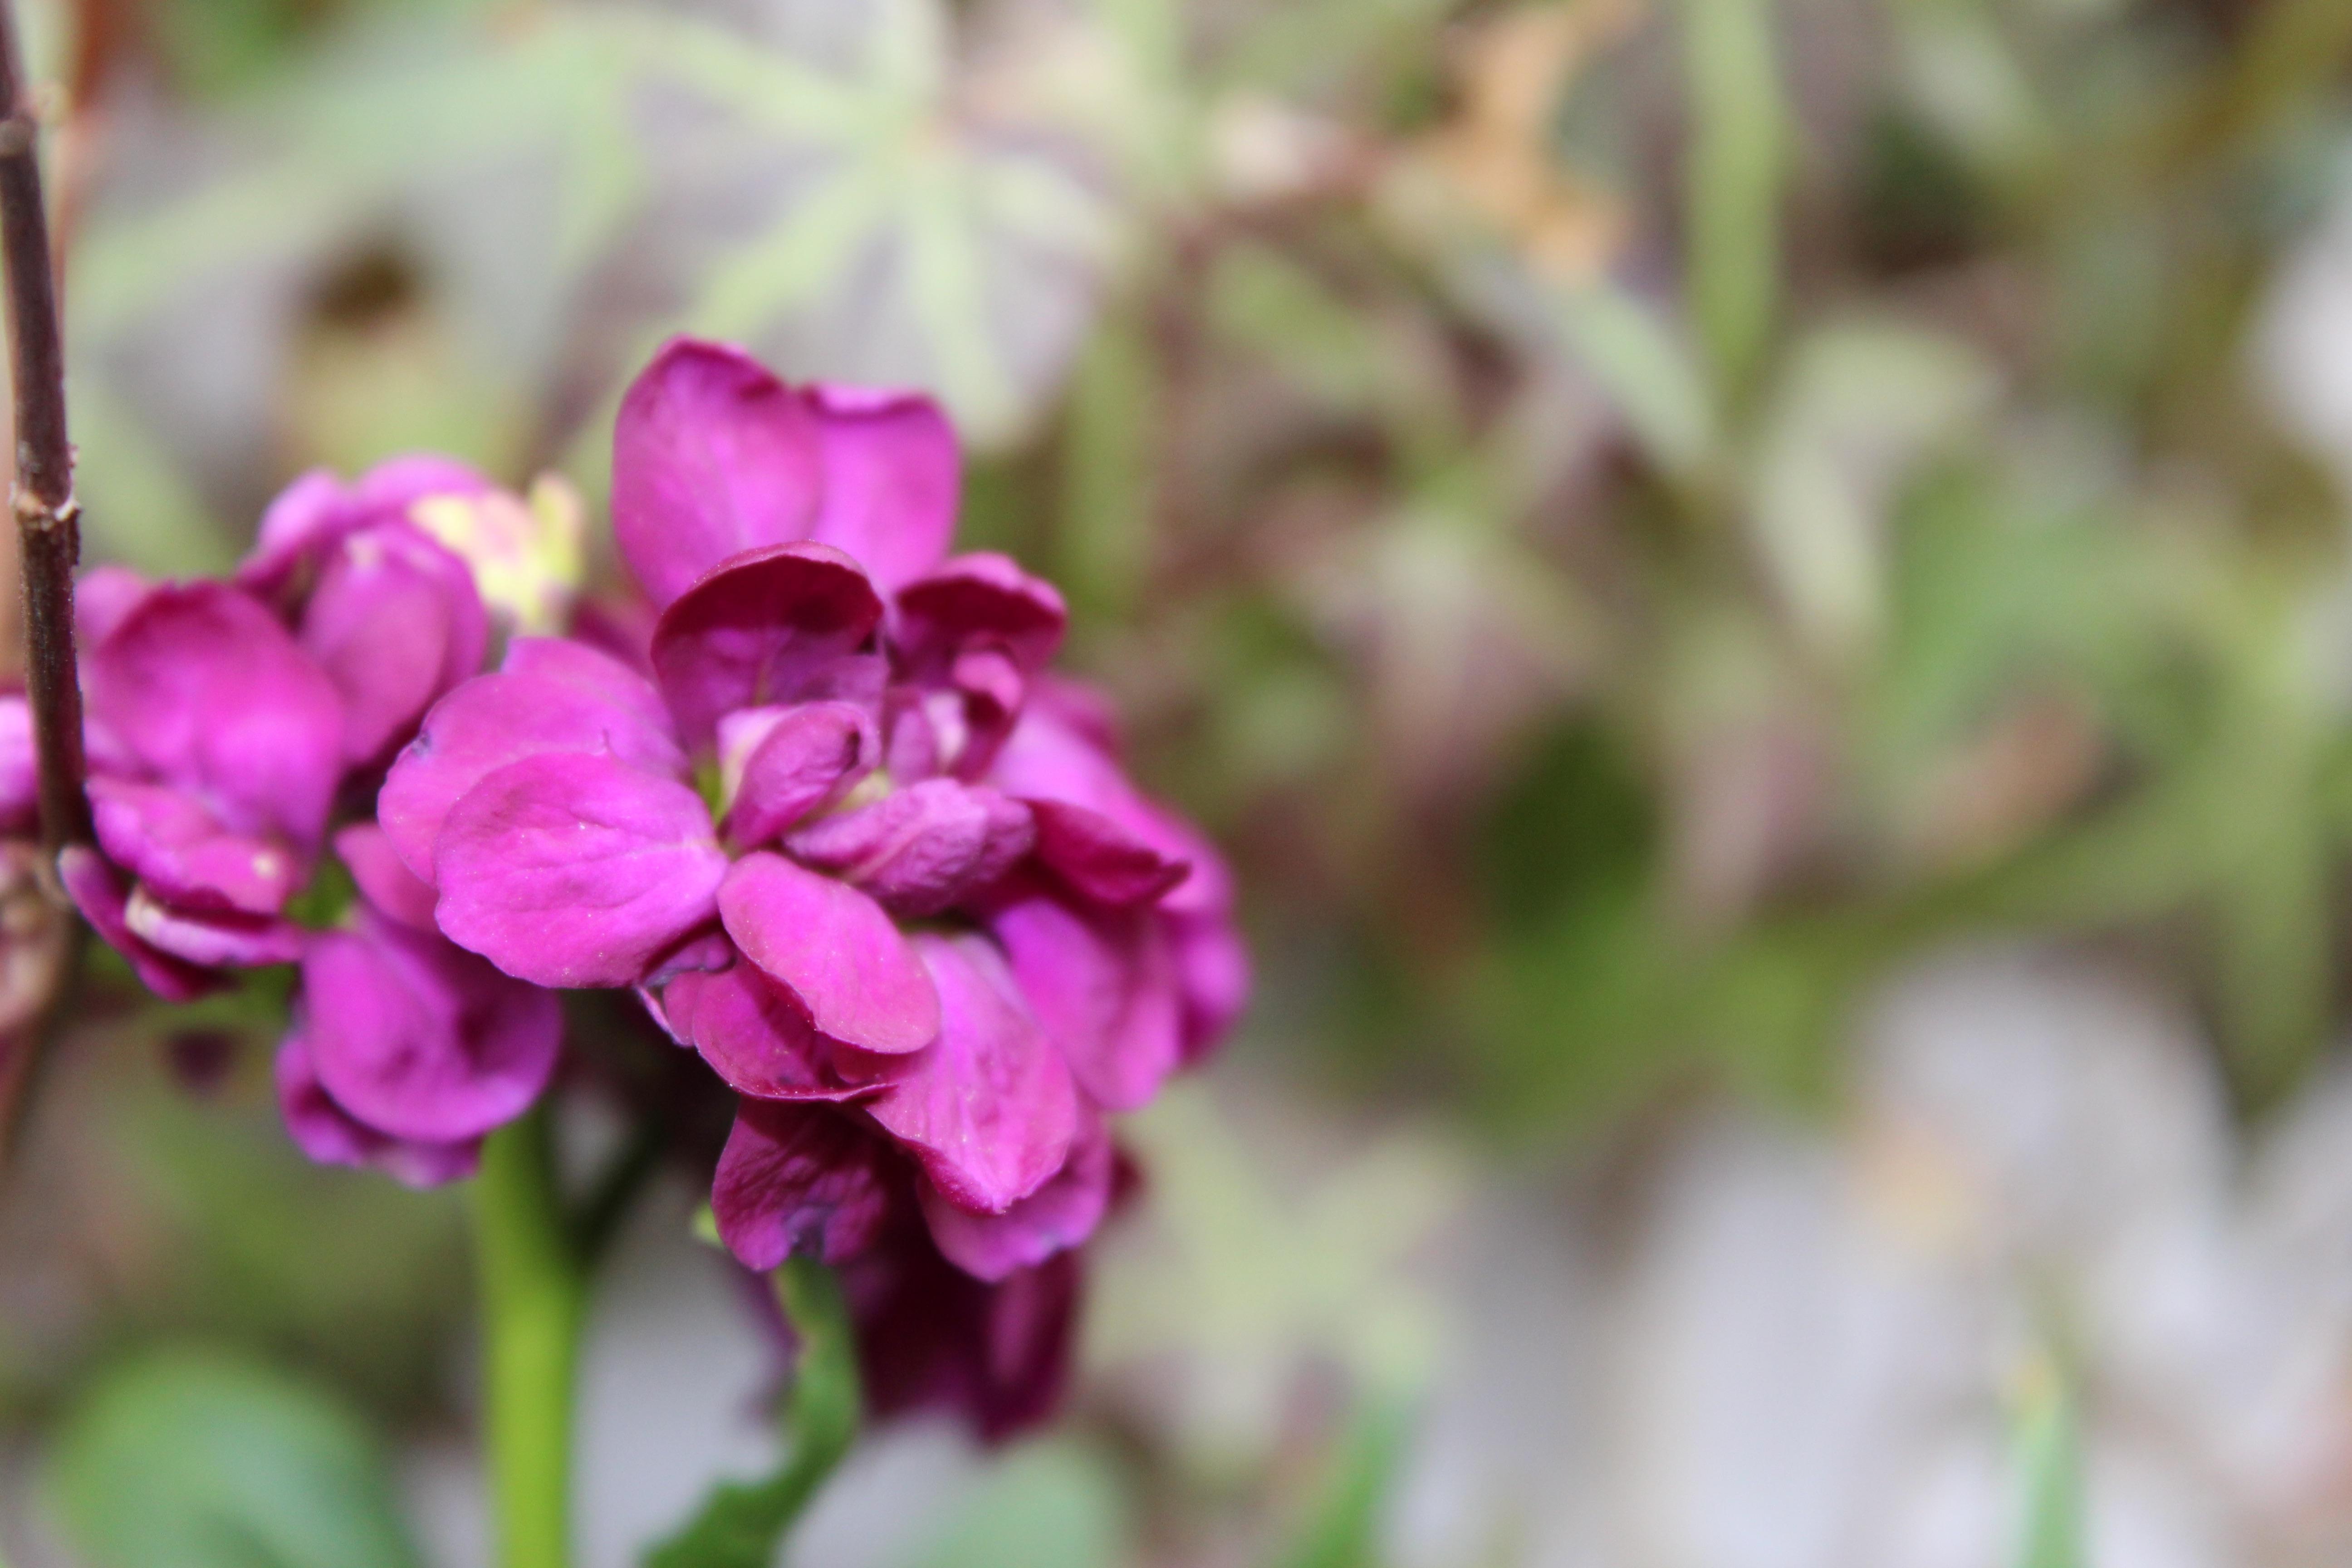 夏越しして咲いてきた、紫羅欄花(あらせいとう)ストックの花です。